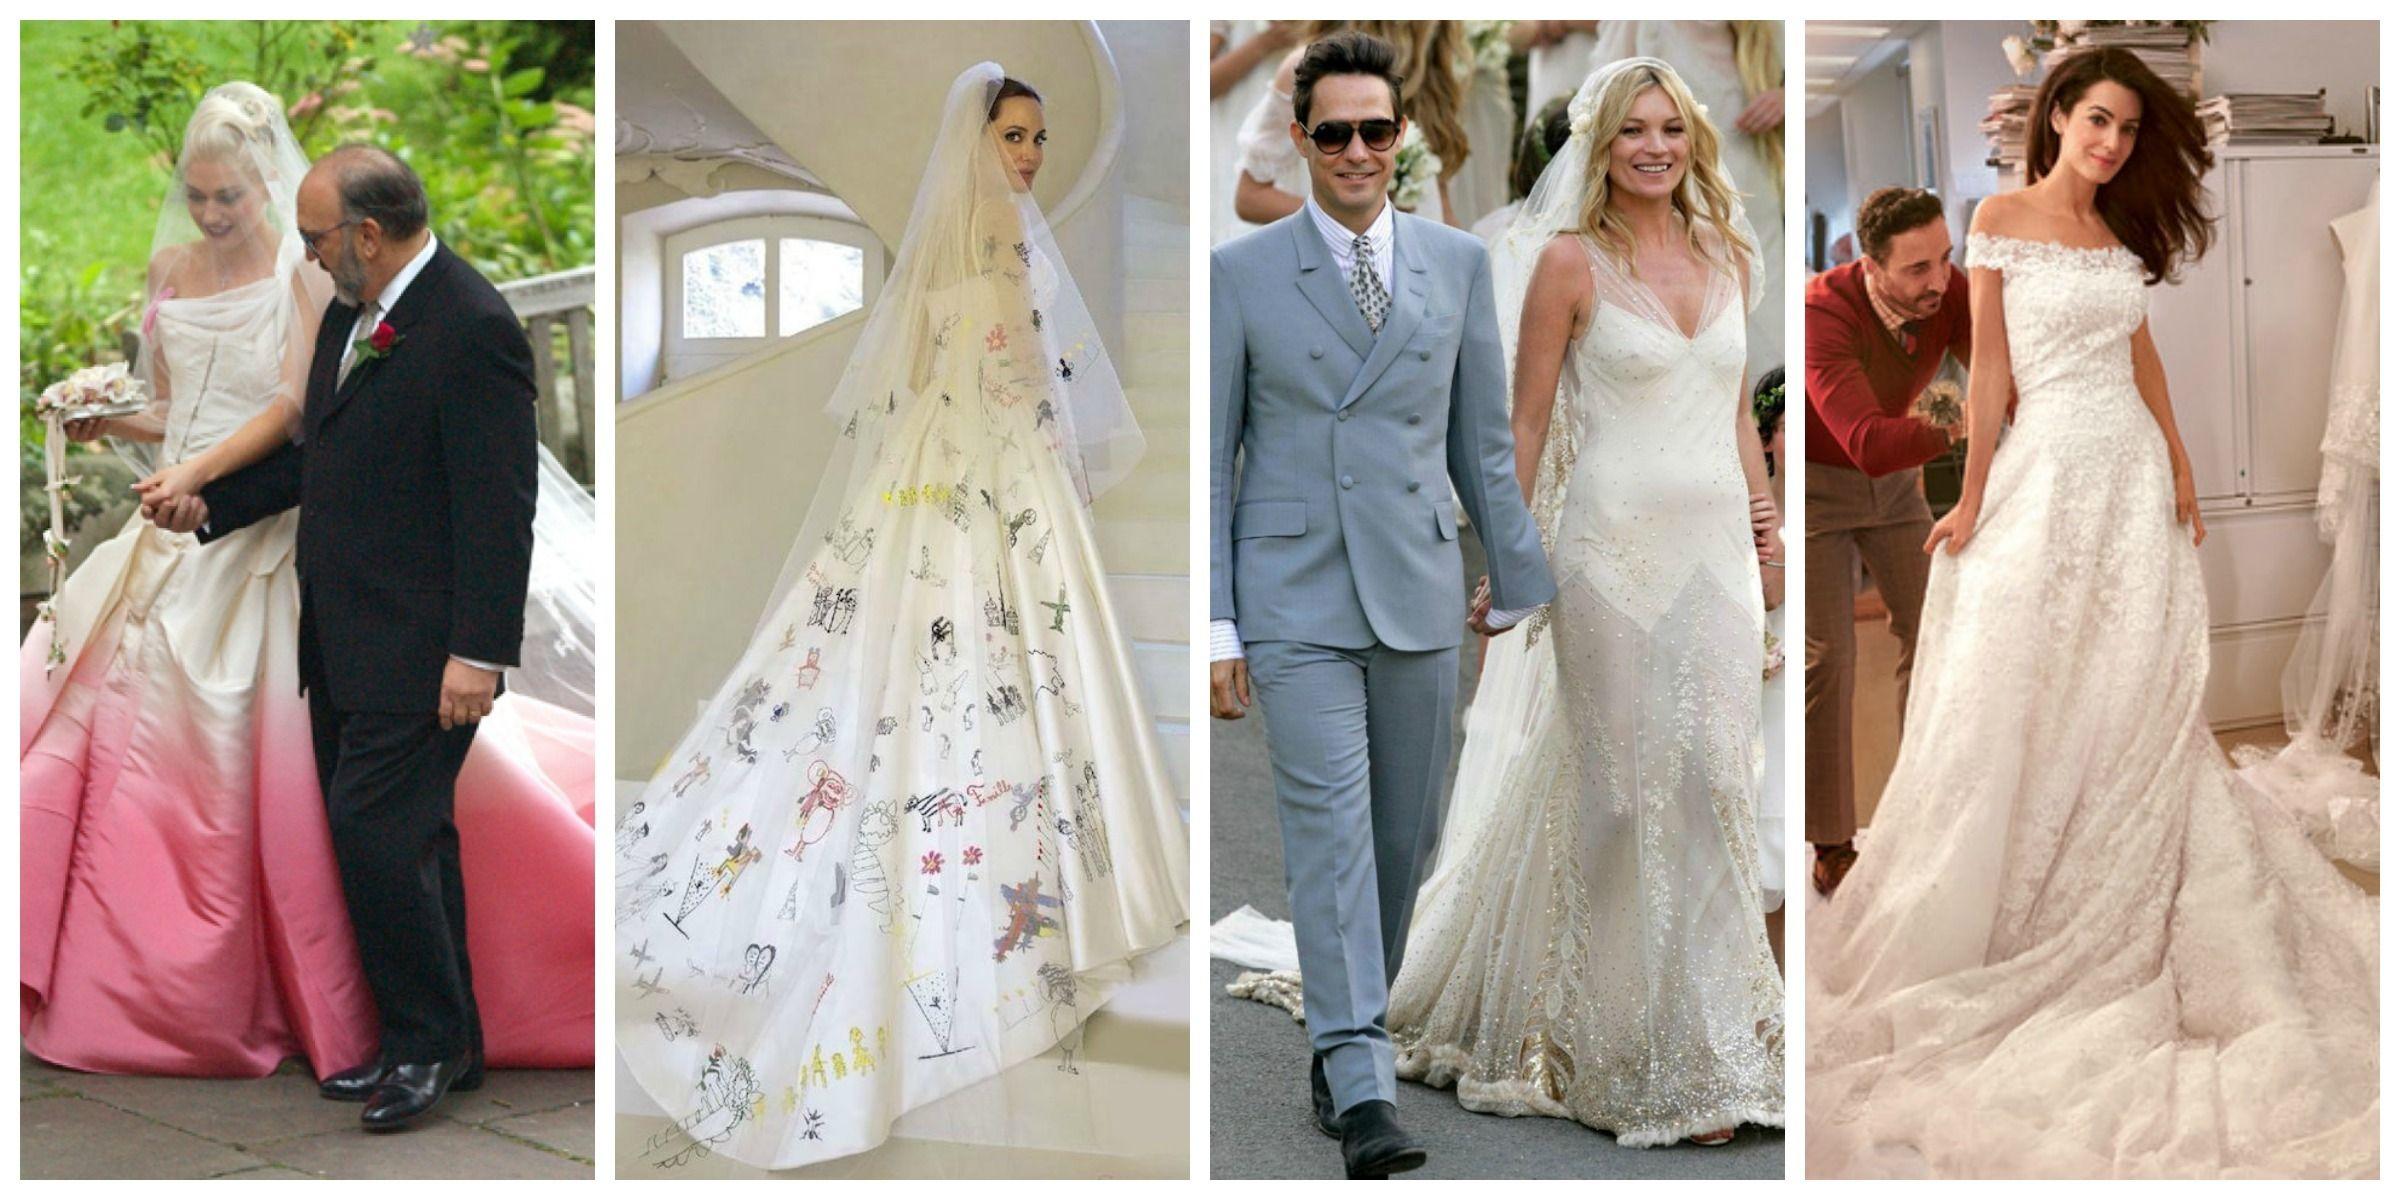 Wedding inspiration: I choose 20 breathtaking #WeddingDresses ...